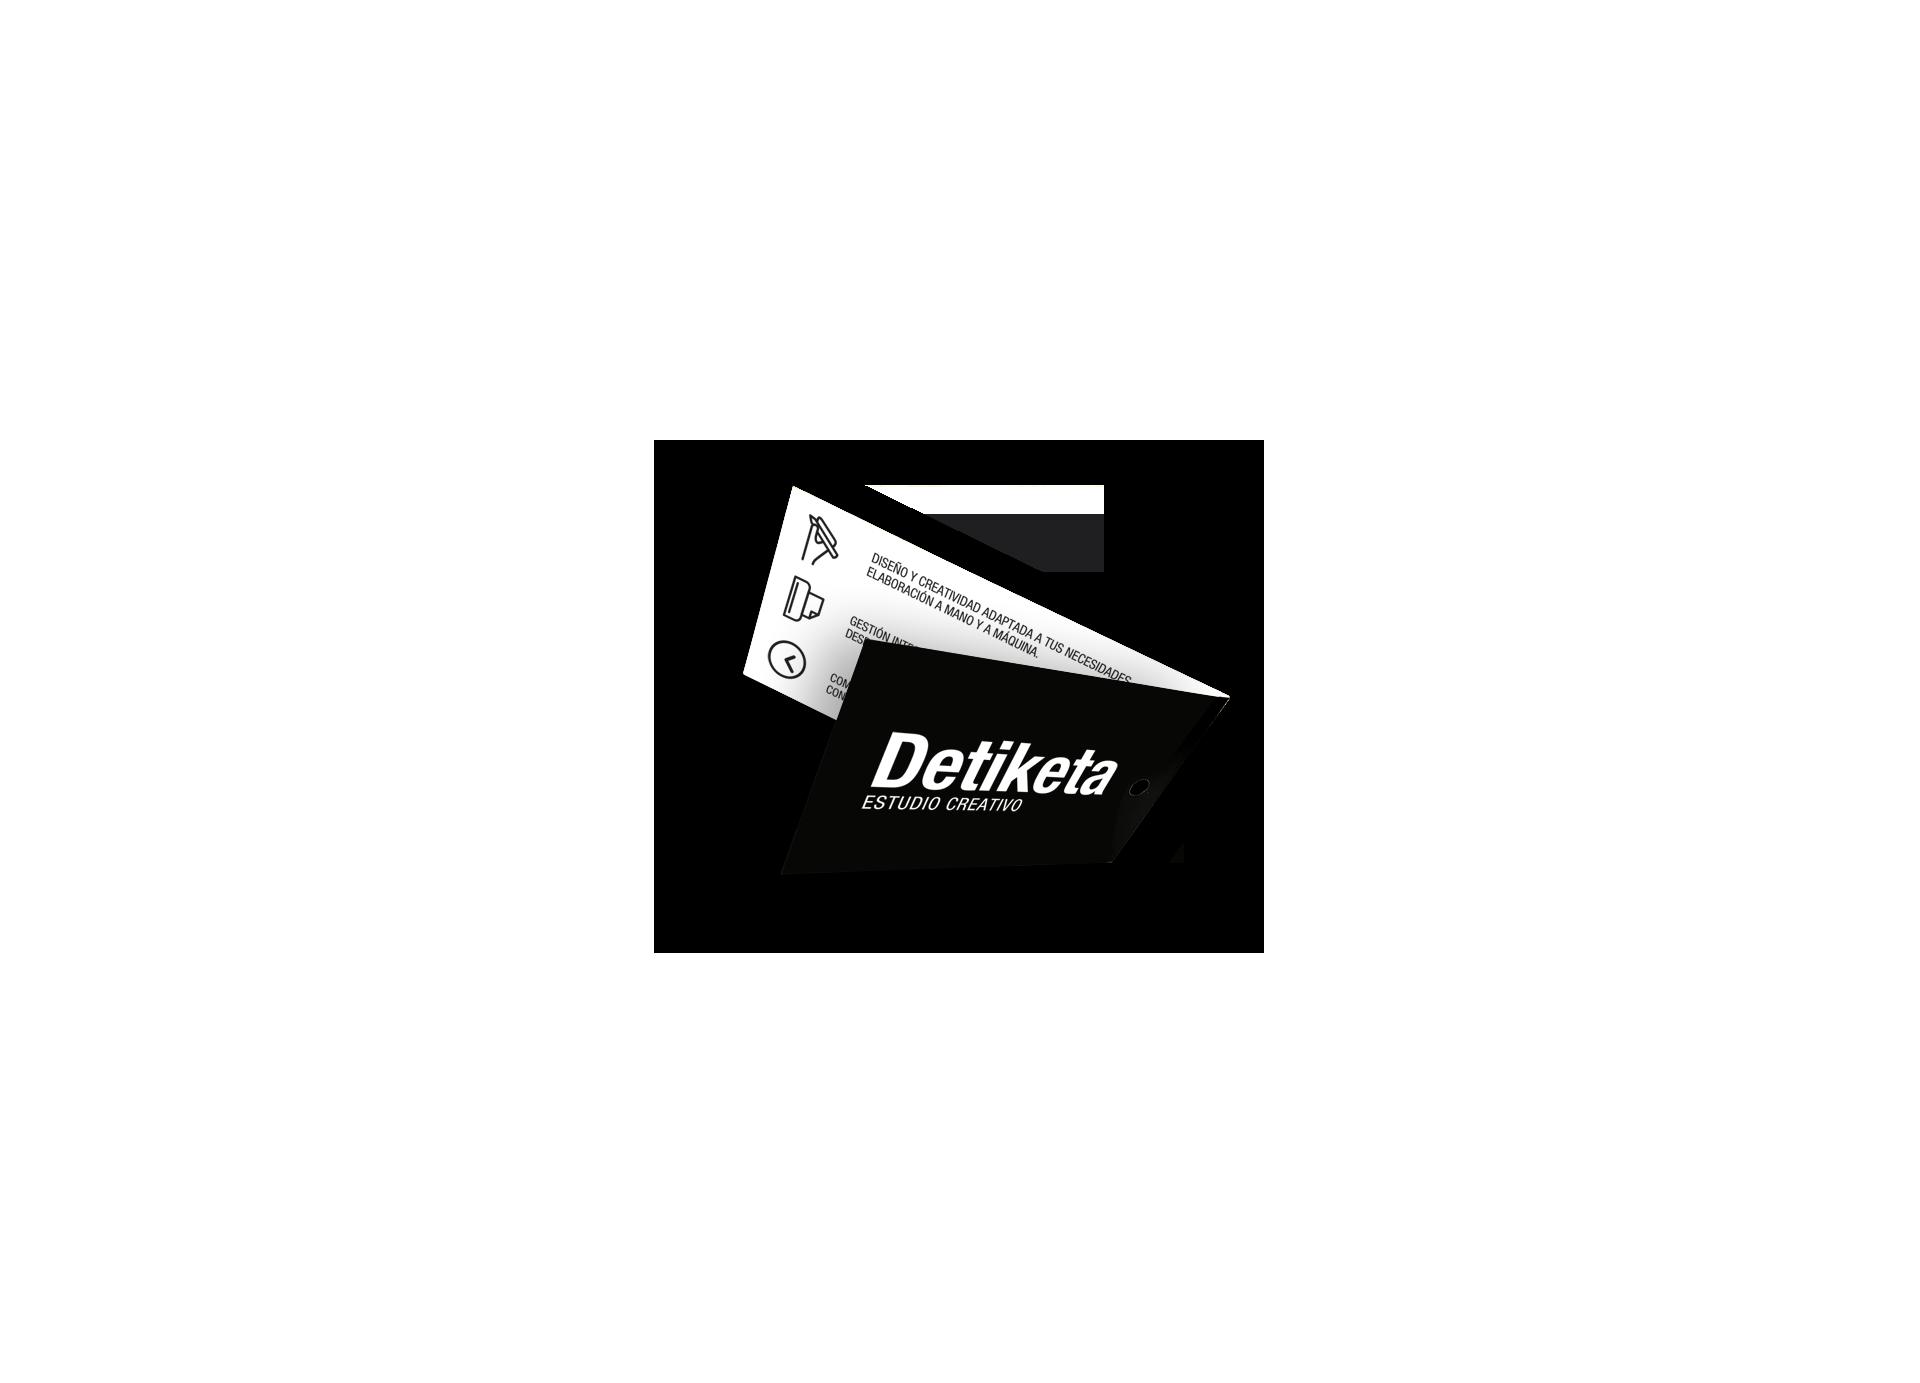 slide-toner-detiketa-estudio-agencia-publicidad-murcia-capa-2